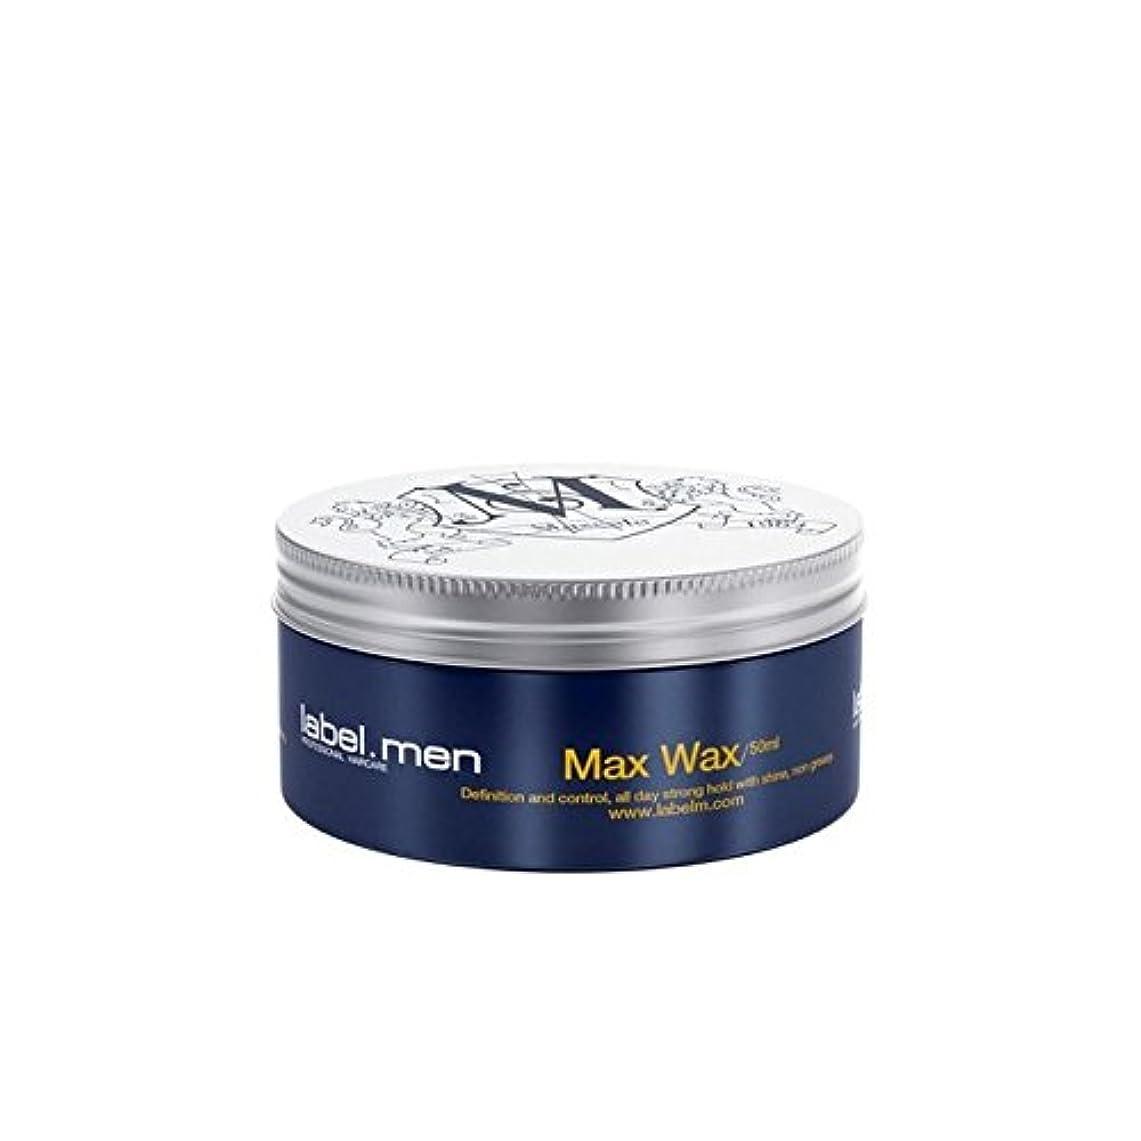 十分です放映要塞.マックスワックス(50ミリリットル) x2 - Label.Men Max Wax (50ml) (Pack of 2) [並行輸入品]